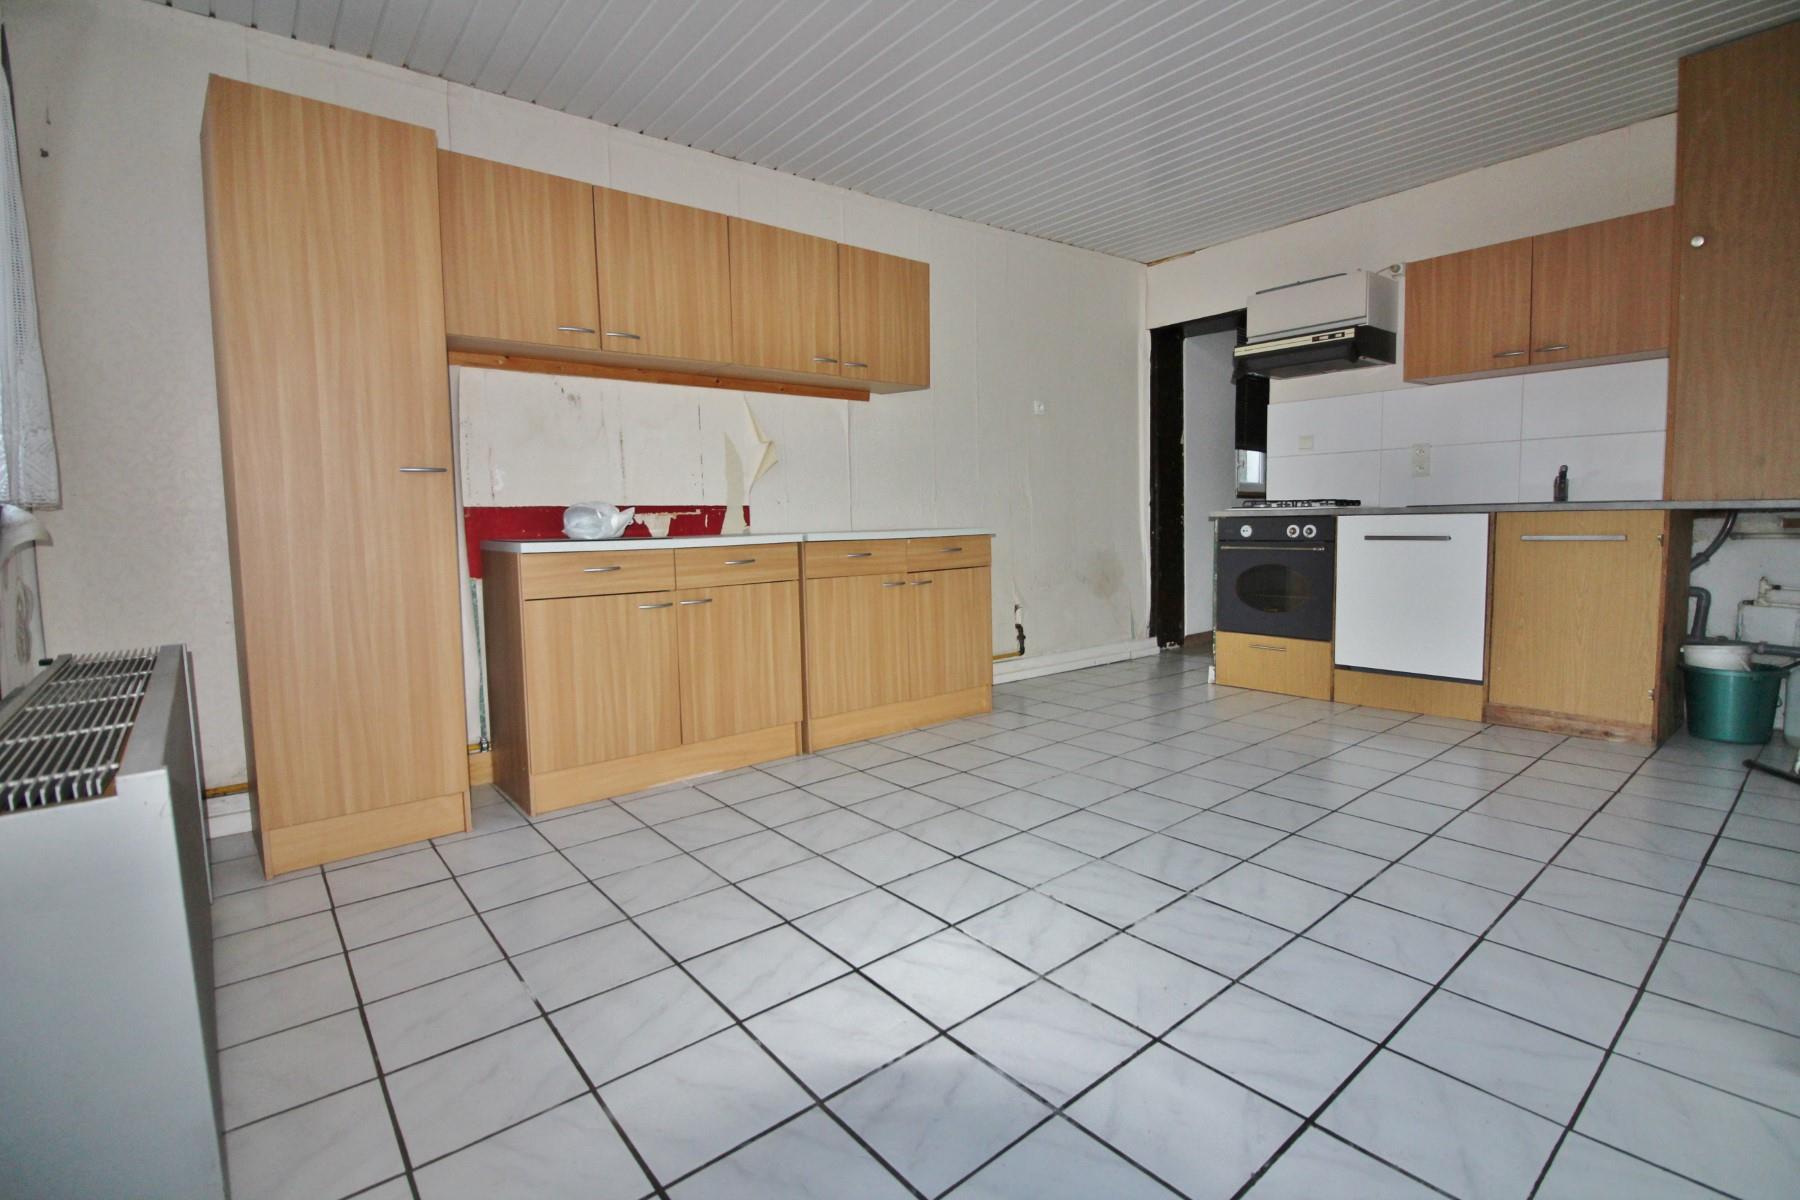 Maison - Visé Cheratte - #3247885-7